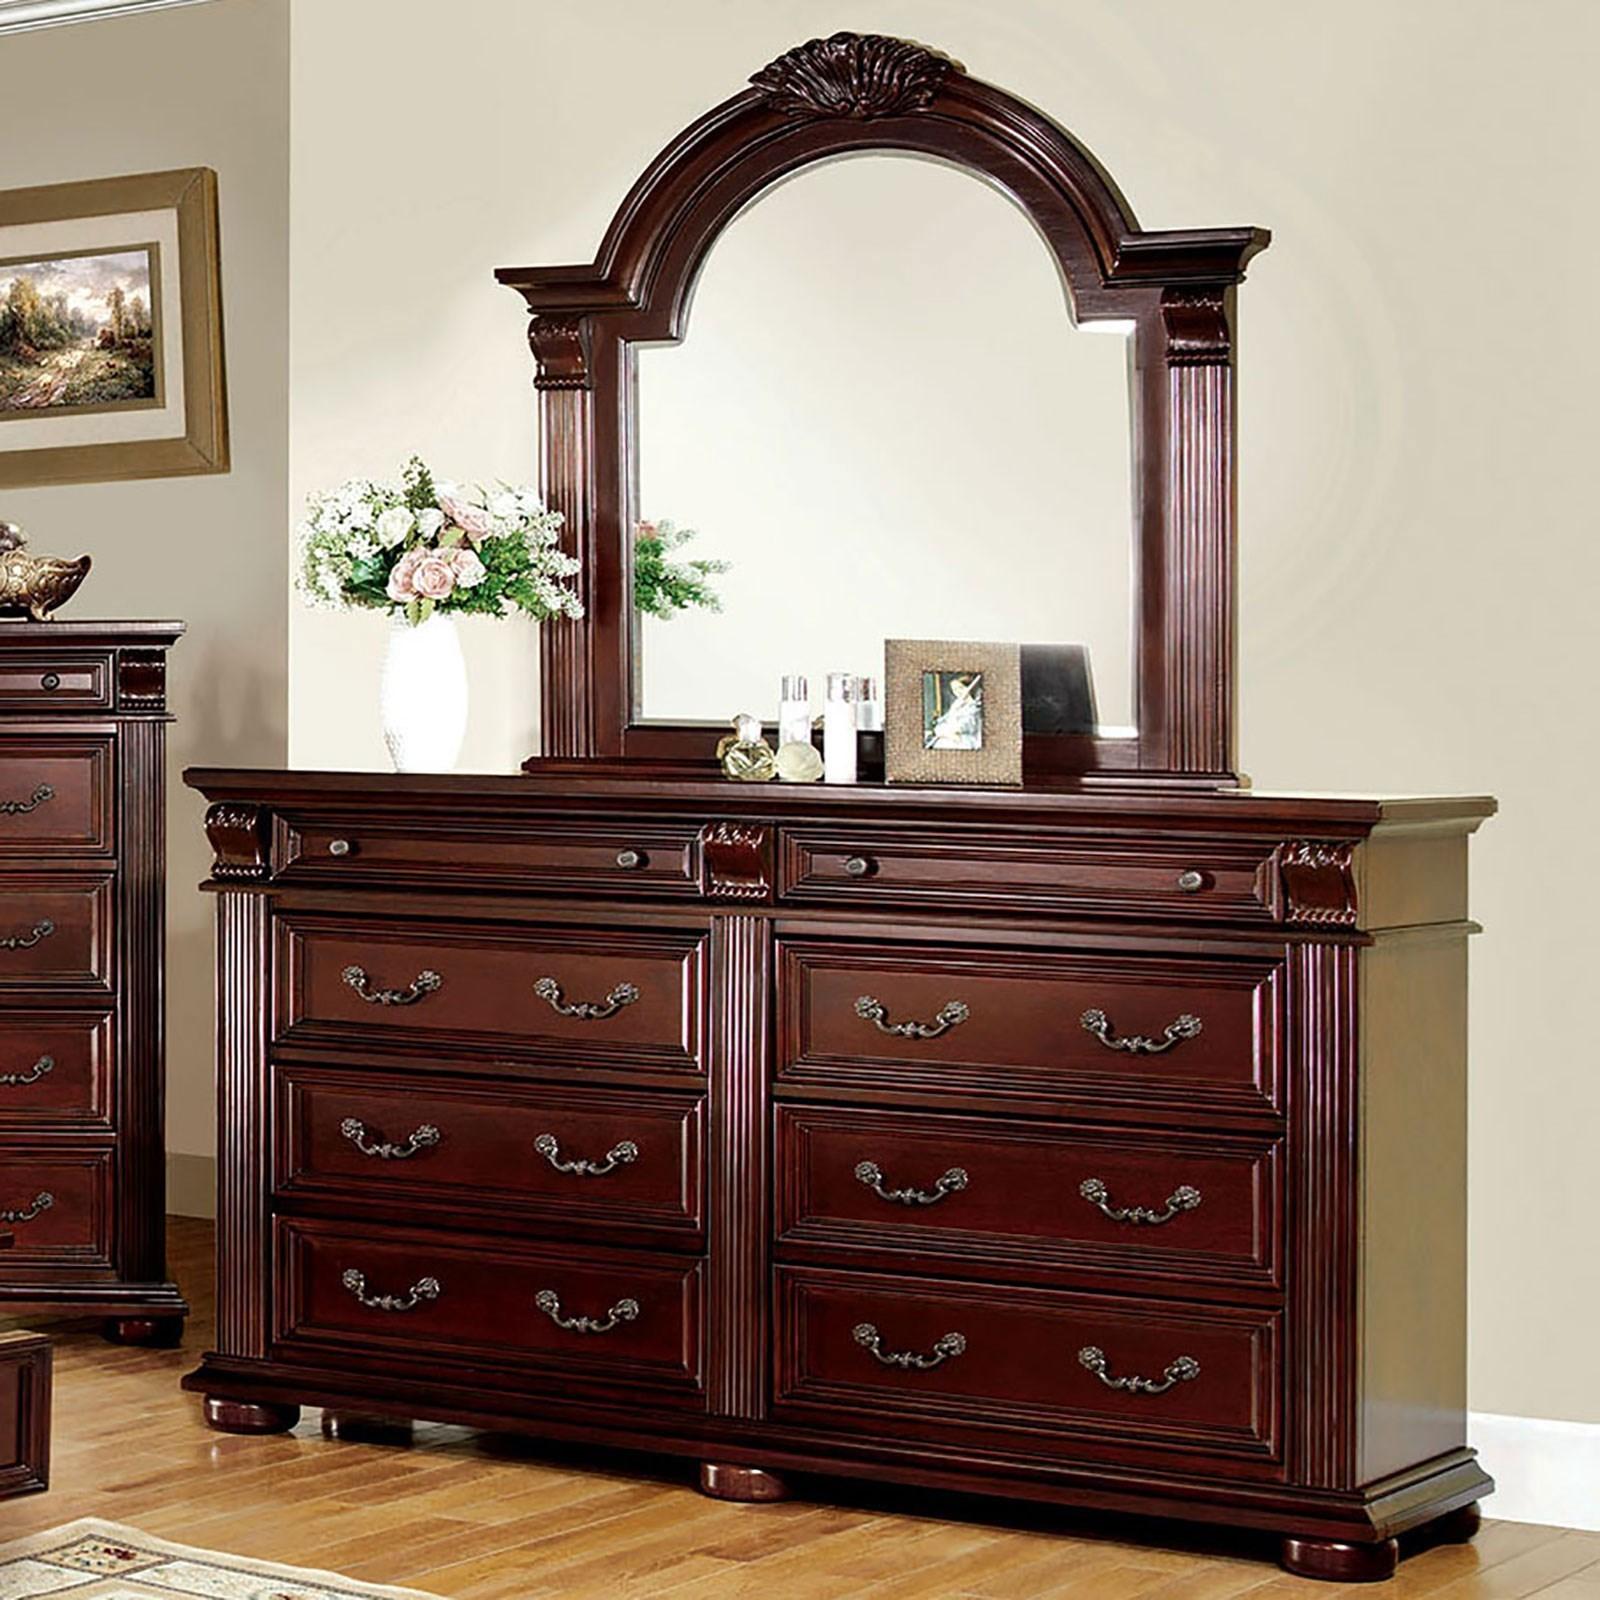 Esperia Dresser by Furniture of America at Corner Furniture